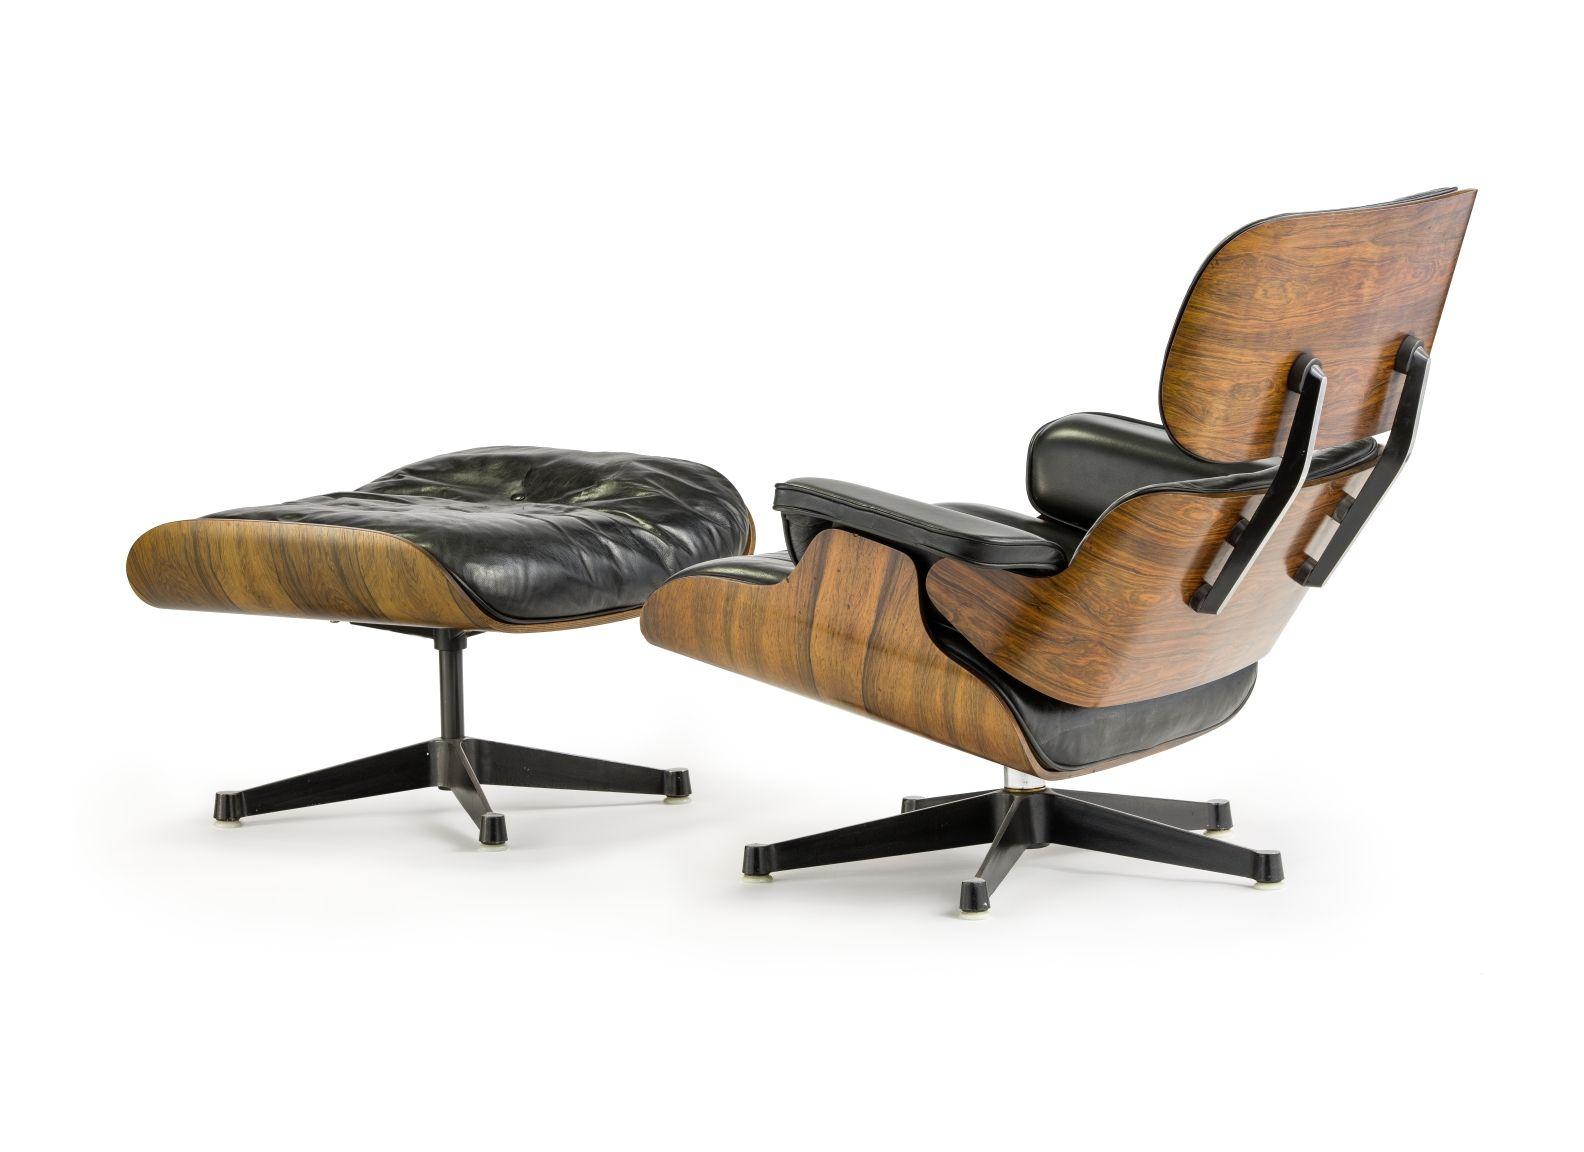 Lounge Chair mit Ottoman von Charles und Ray Eames, 1956 ©Staatliche Museen zu Berlin, Kunstgewerbemuseum / Stephan Klonk